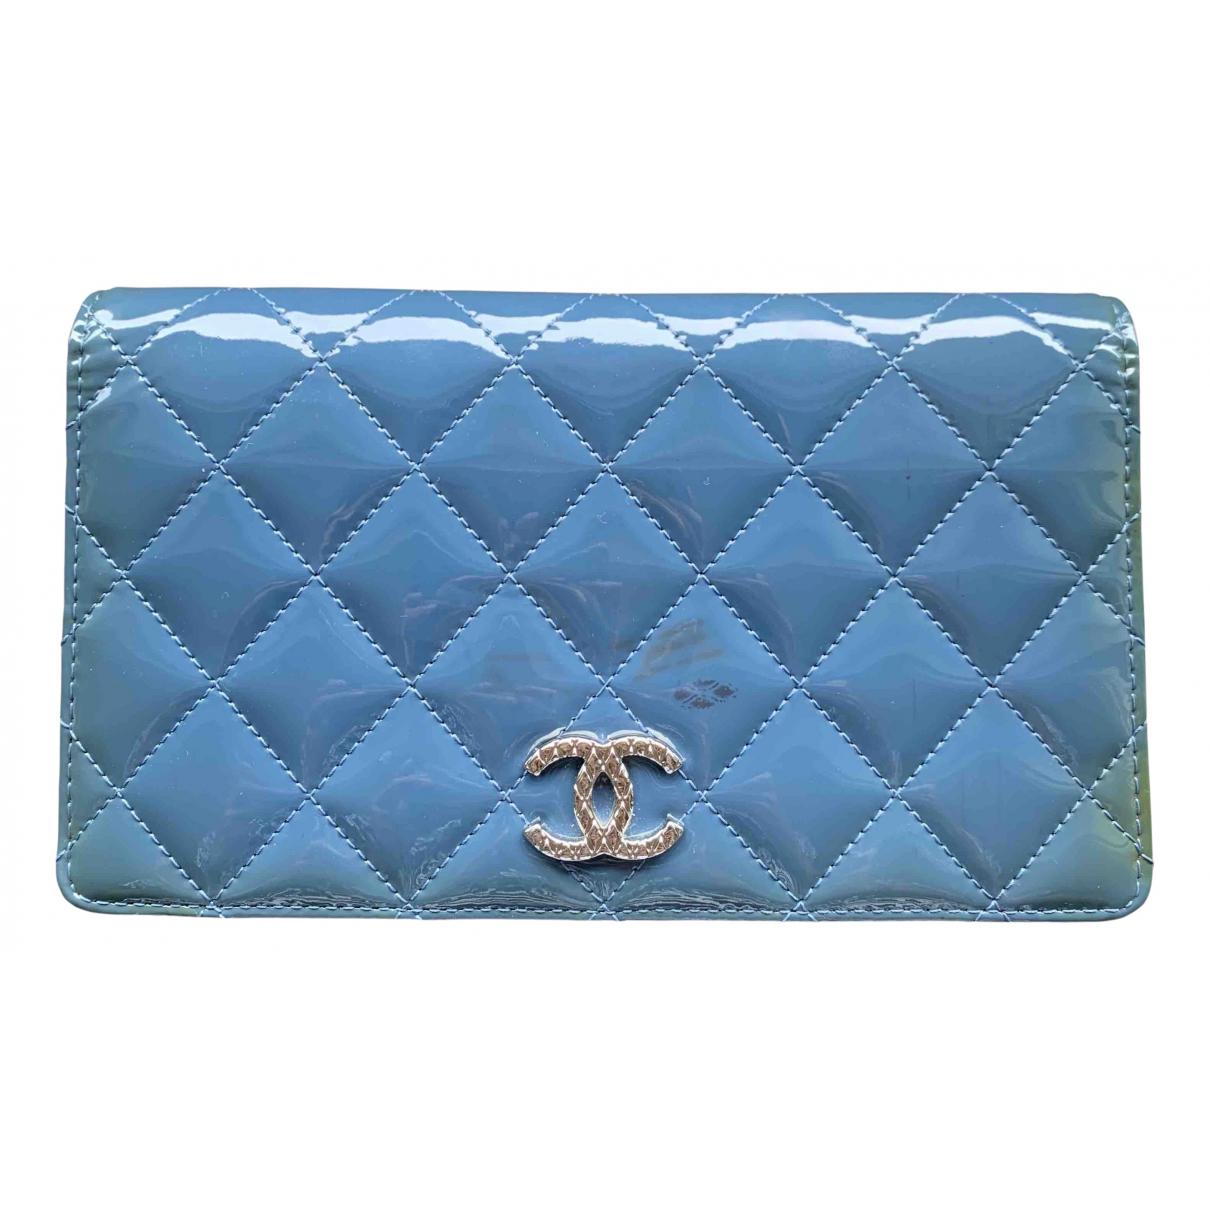 Chanel - Portefeuille Timeless/Classique pour femme en cuir verni - bleu